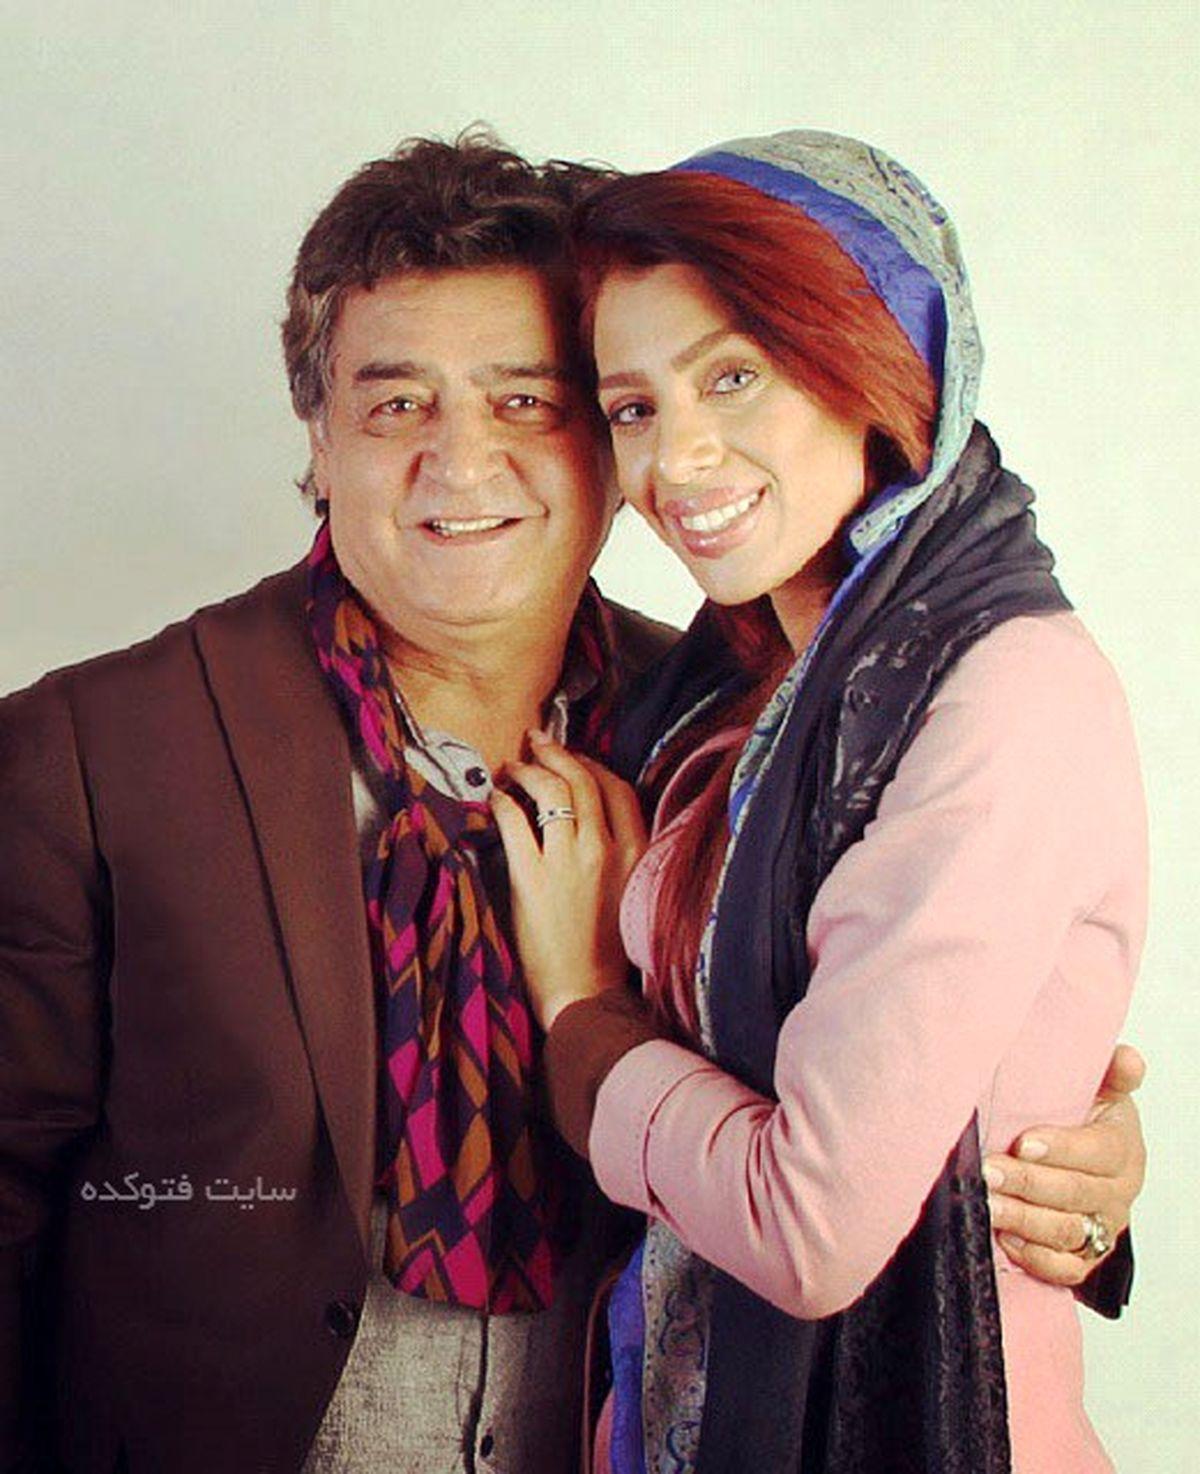 عکس لو رفته رضا رویگری با همسر دومش